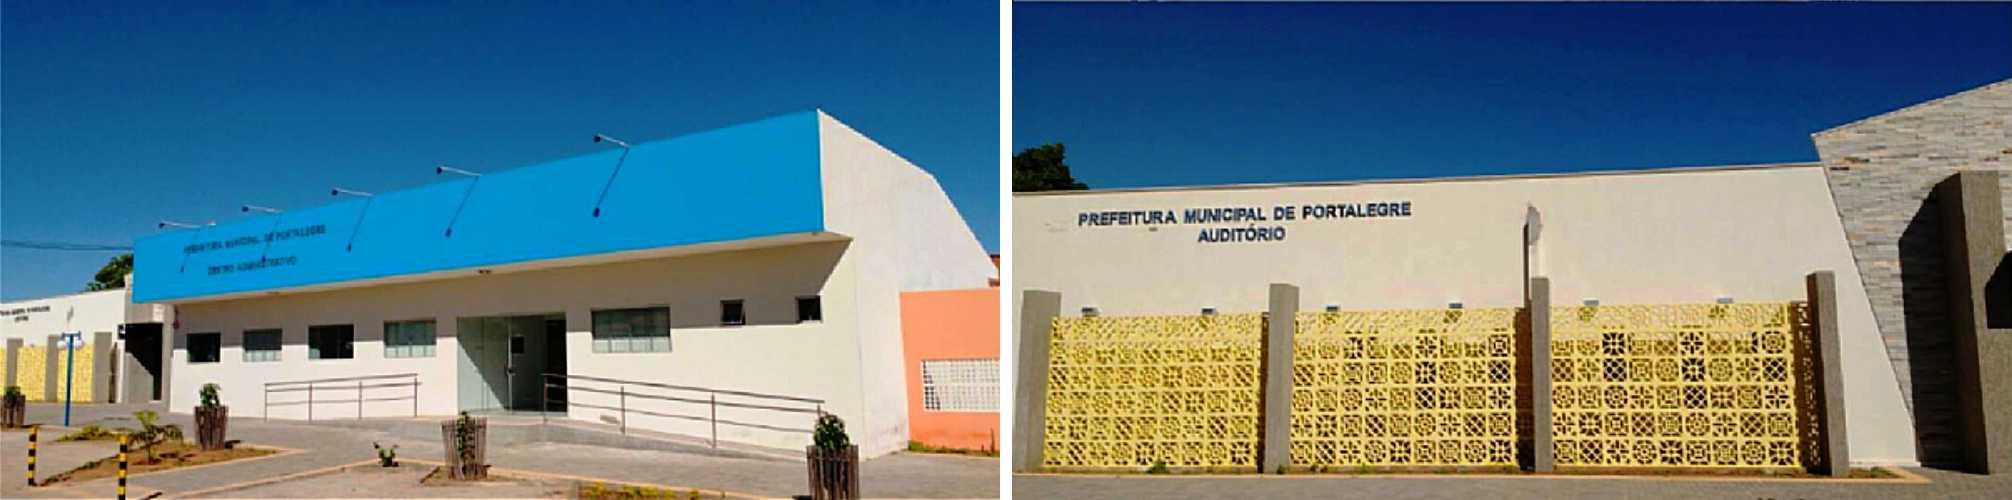 Resultado de imagem para portalegre RN (prefeitura)